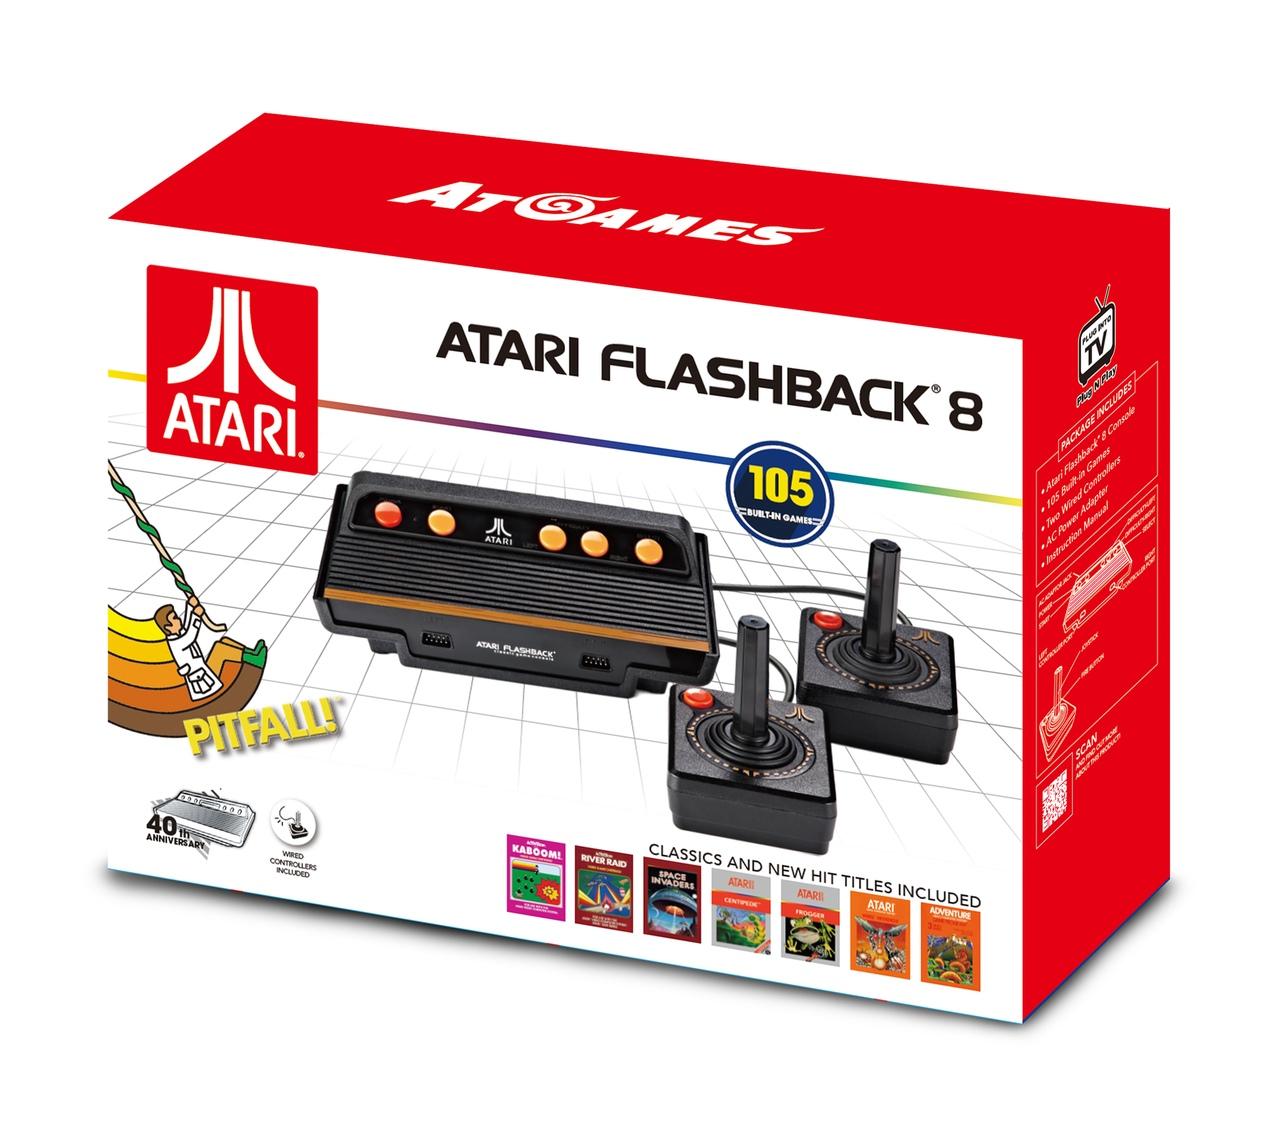 Presentan la consola Atari Flashback 8 Gold, con 120 juegos clásicos